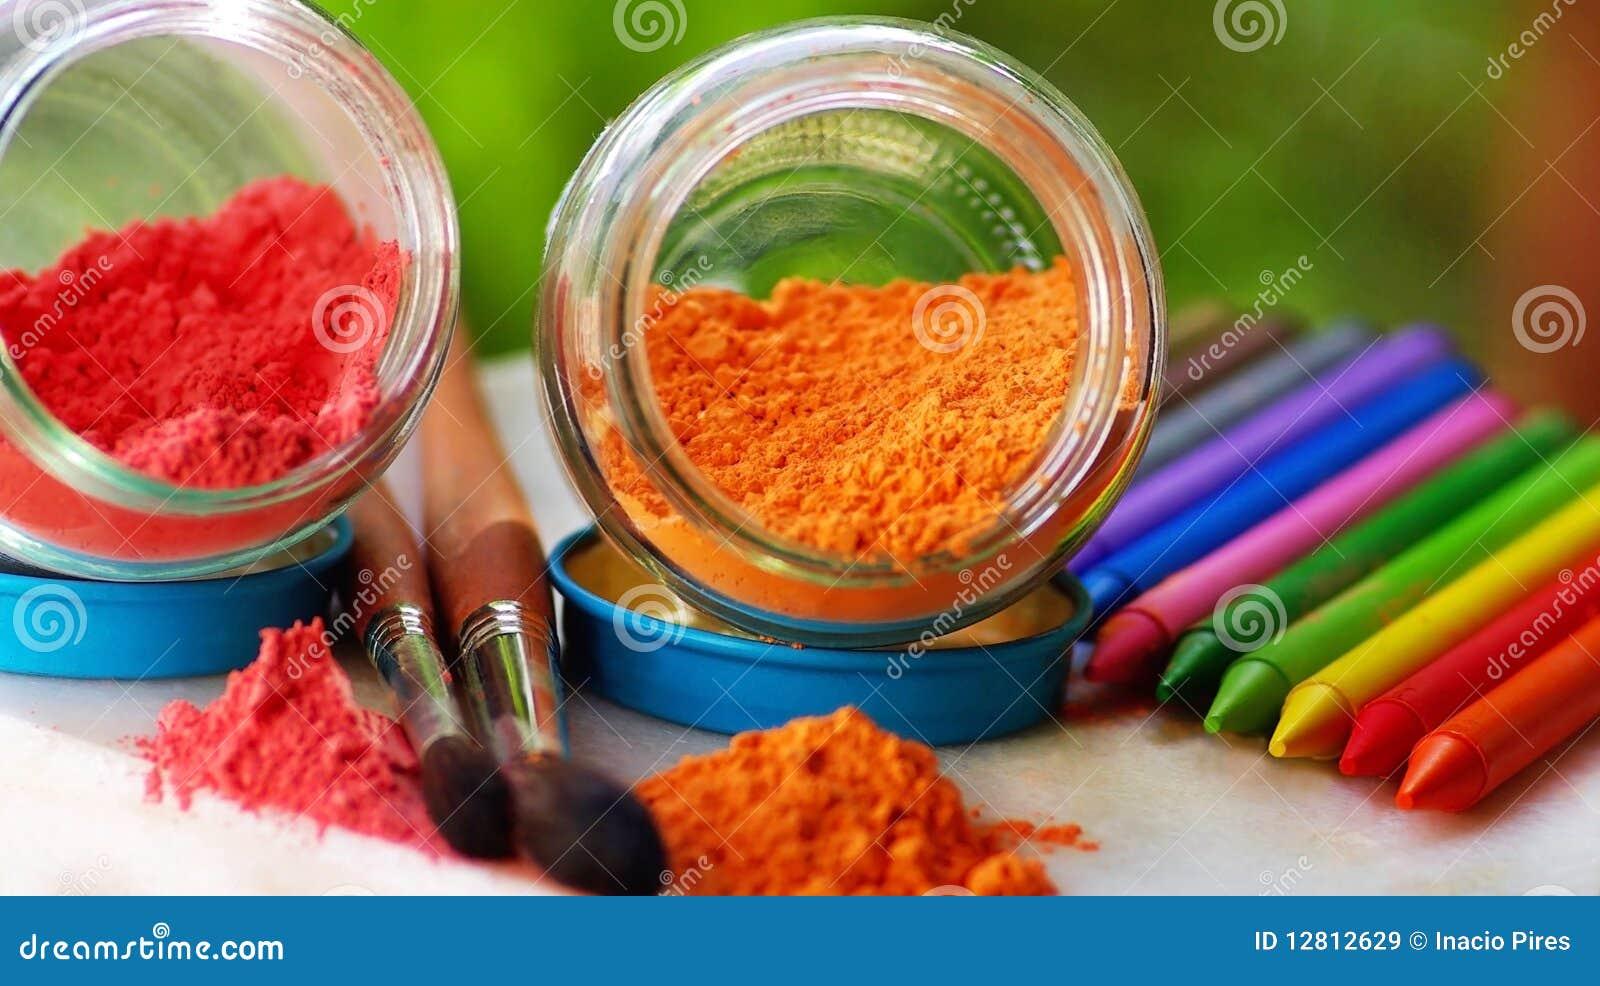 Lápis e escovas coloridos.